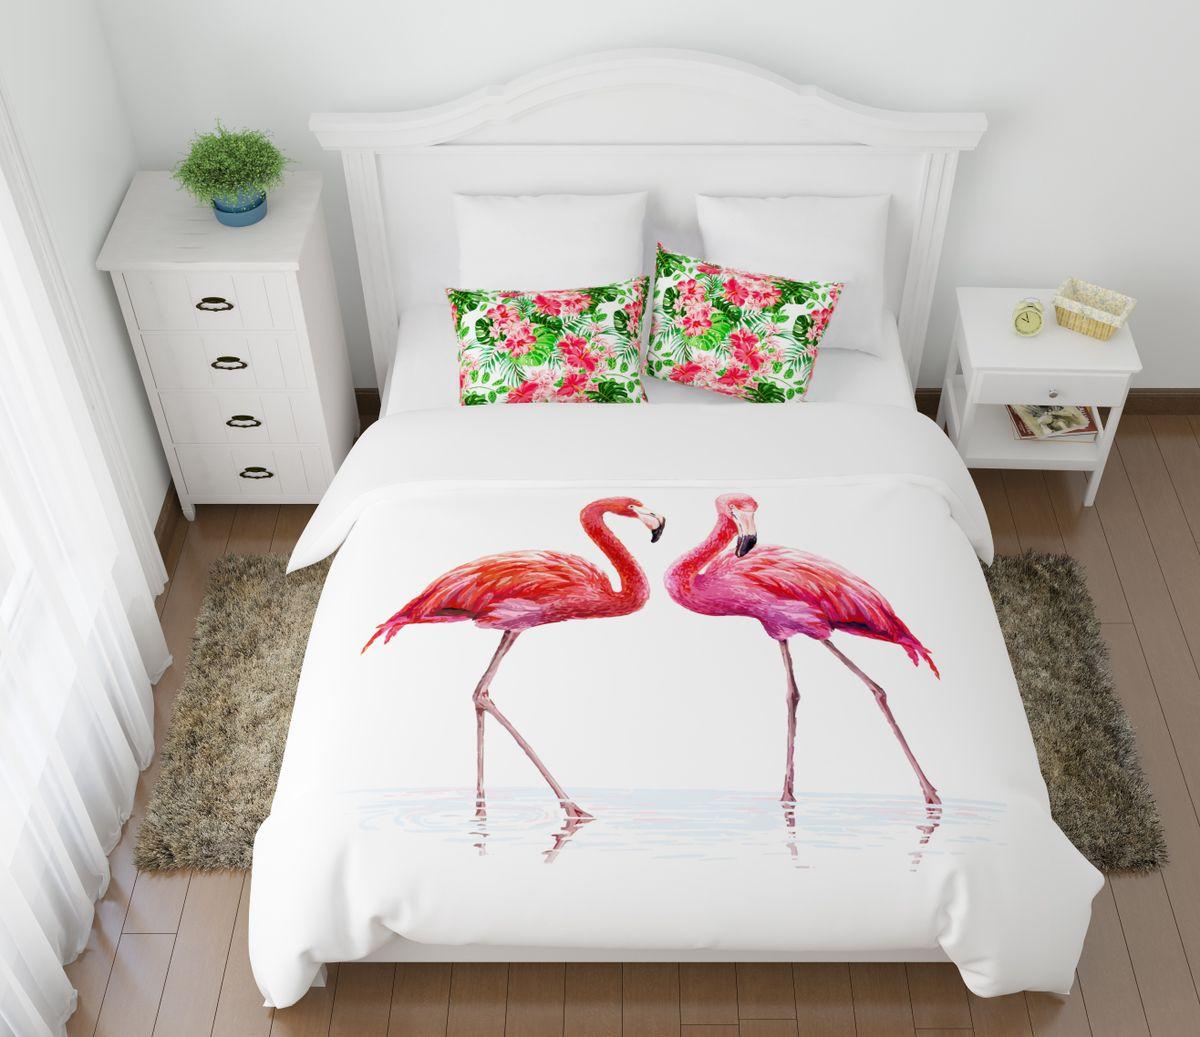 Комплект белья Сирень Фламинго, 1,5-спальный, наволочки 50x7008584-КПБ-МКомплект постельного белья Сирень состоит из простыни, пододеяльника и 2 наволочек. Комплект выполнен из современных гипоаллергенных материалов. Приятный при прикосновении сатин - гарантия здорового, спокойного сна. Ткань хорошо впитывает влагу, надолго сохраняет яркость красок. Четкий, изящный рисунок в сочетании с насыщенными красками делает комплект постельного белья неповторимой изюминкой любого интерьера. Постельное белье идеально подойдет для подарка.